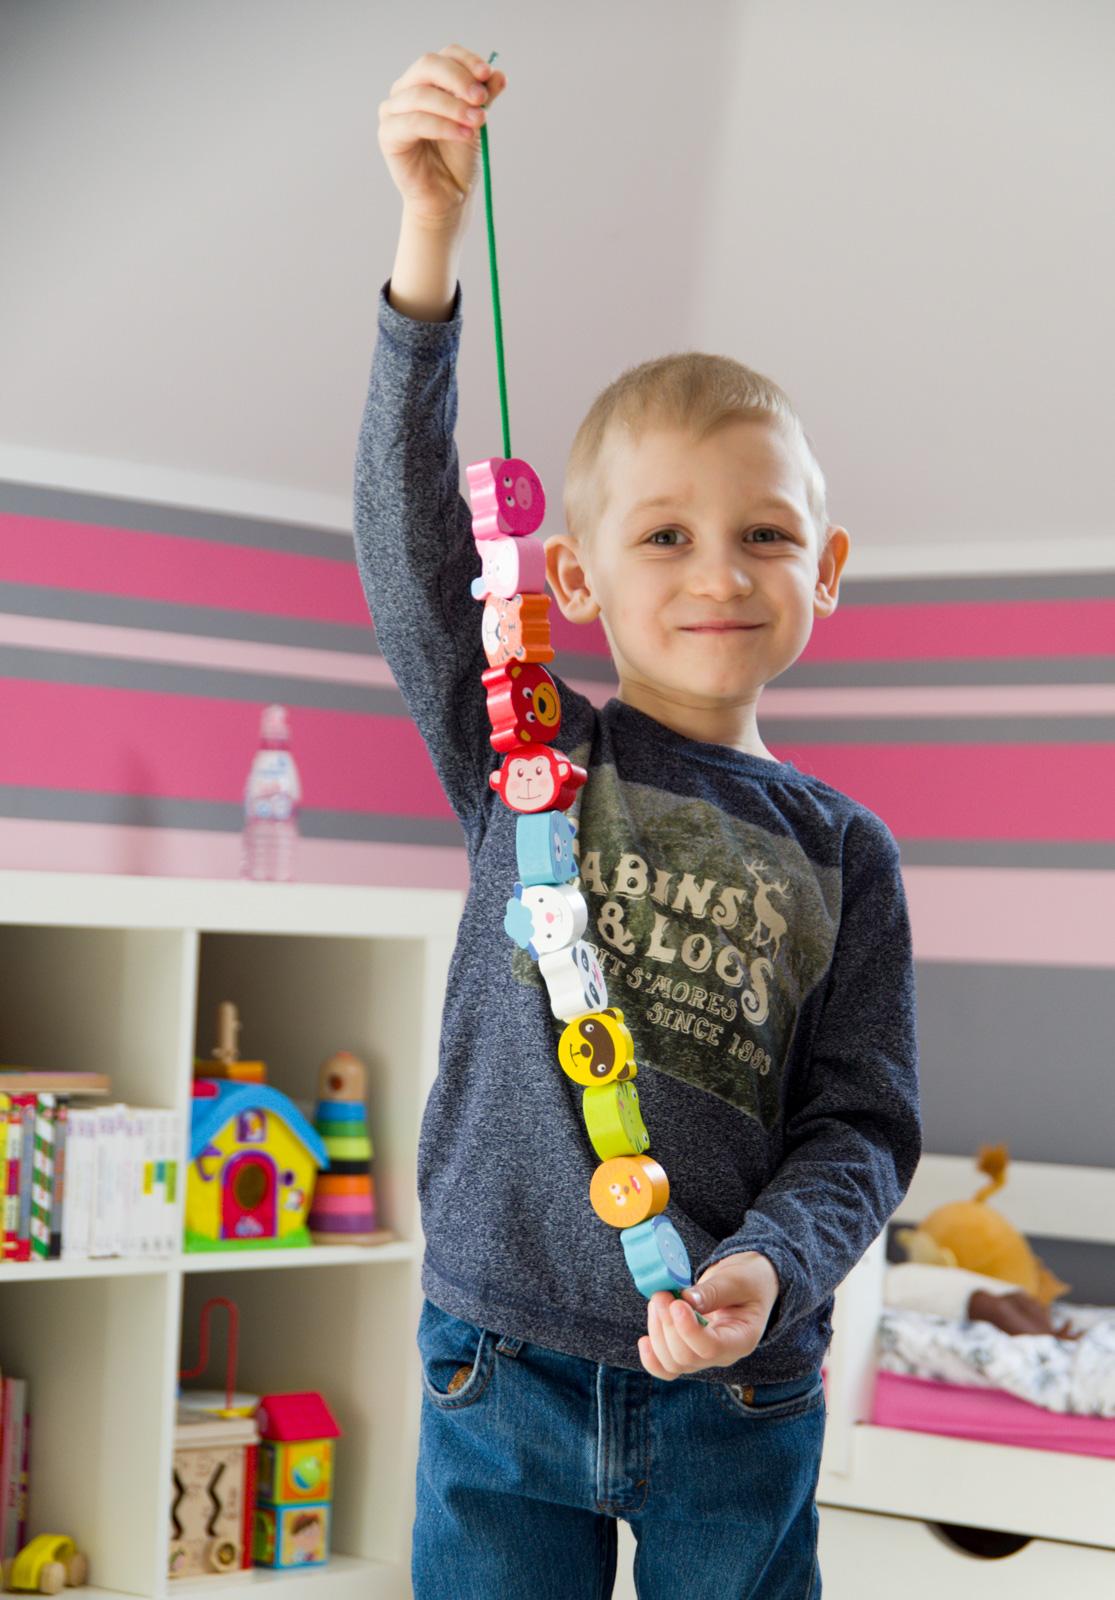 jak wspierać rozwój dziecka?